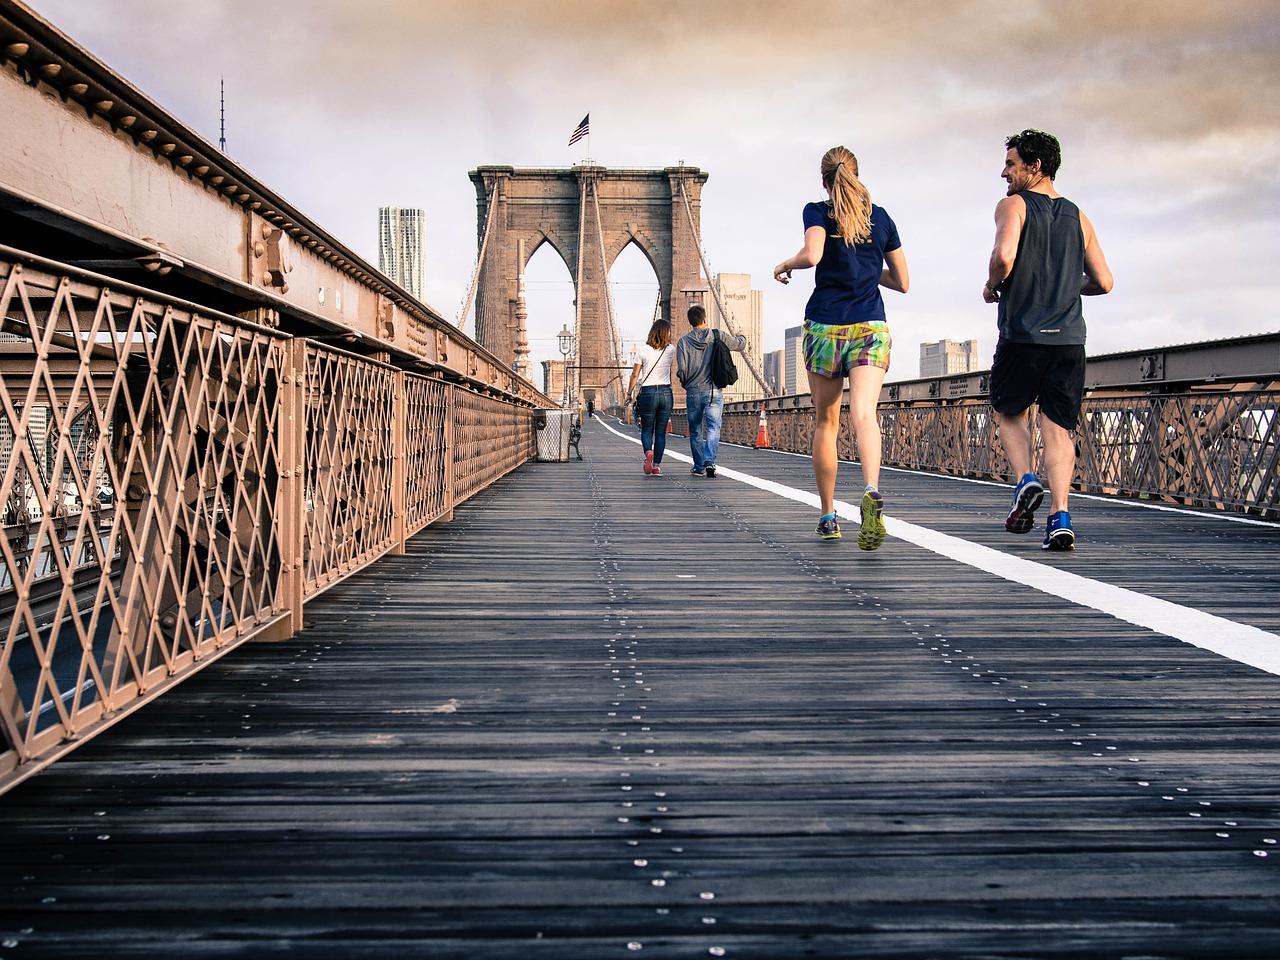 People running over bridge